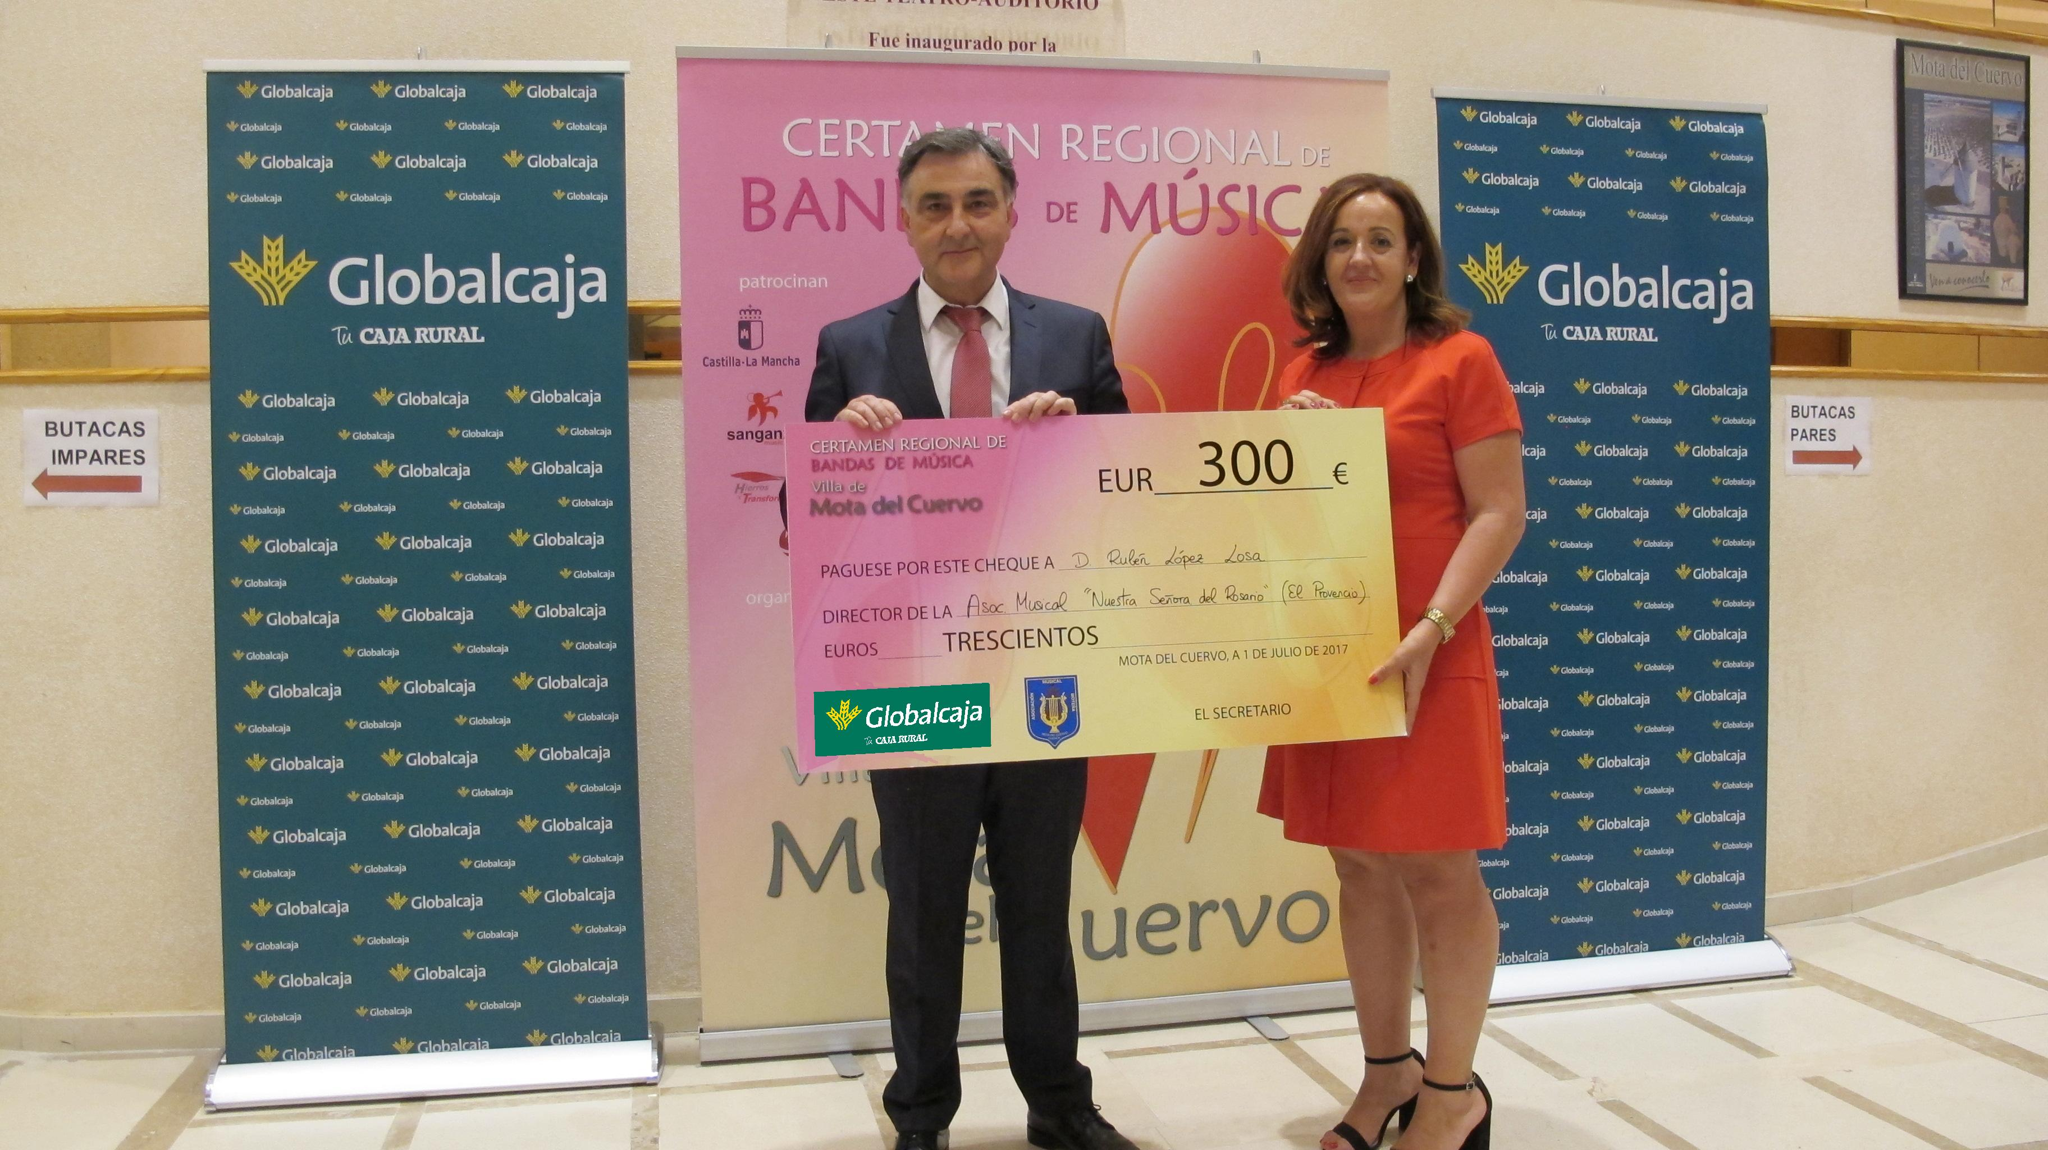 https://blog.globalcaja.es/wp-content/uploads/2017/07/cheque-1.jpg